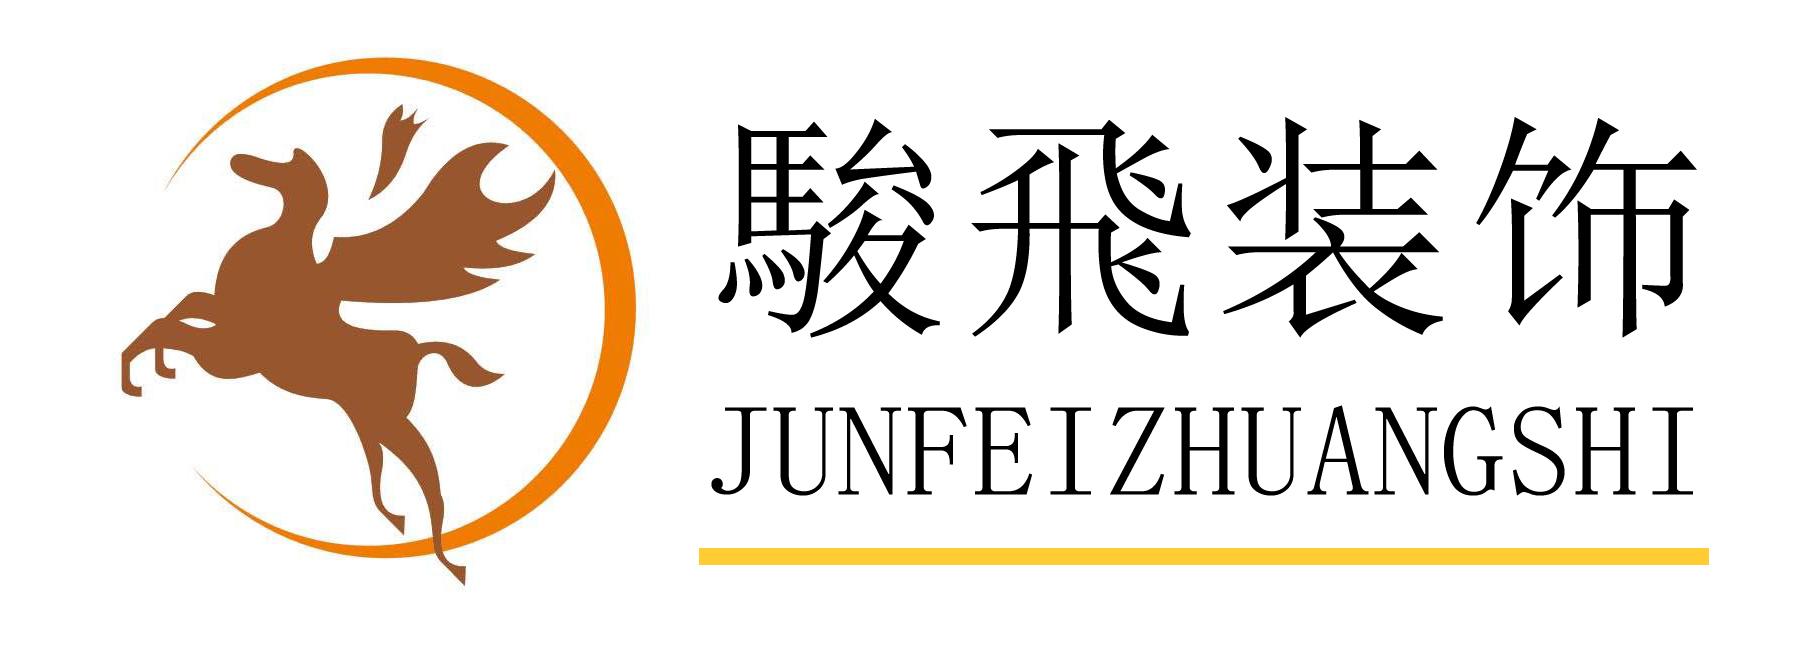 深圳市骏飞装饰设计工程有限公司